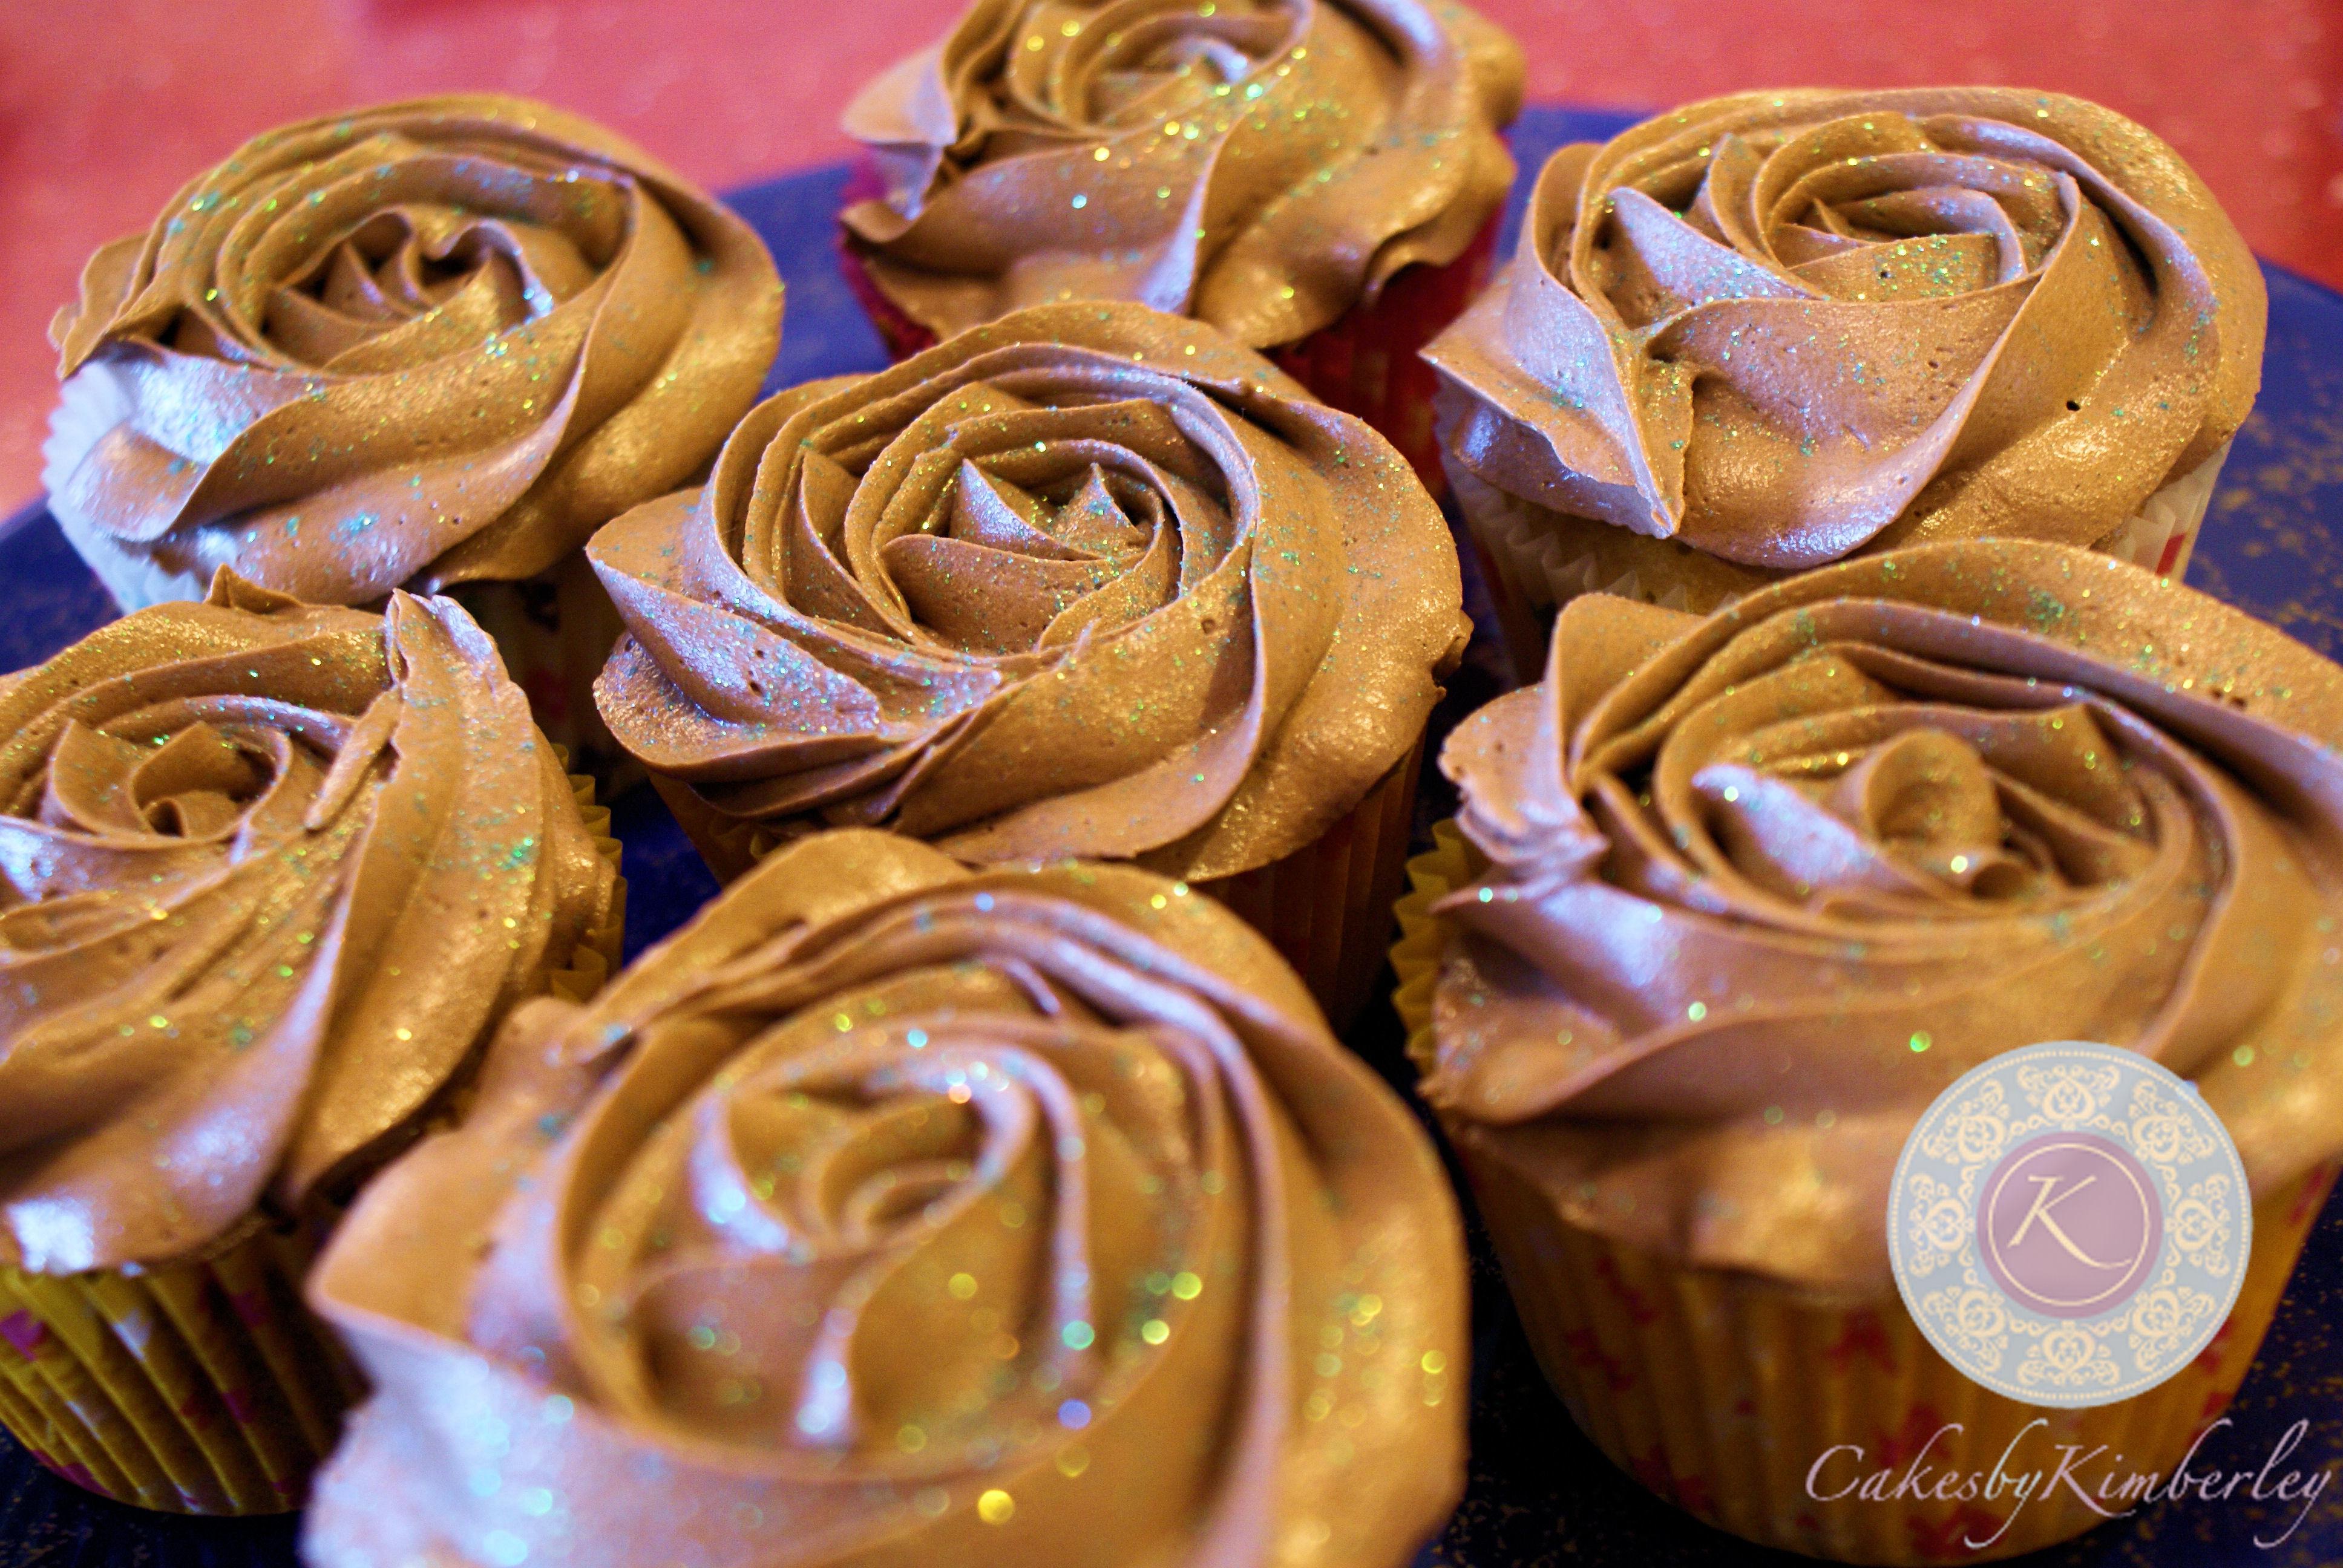 Rose+cupcakes.jpg